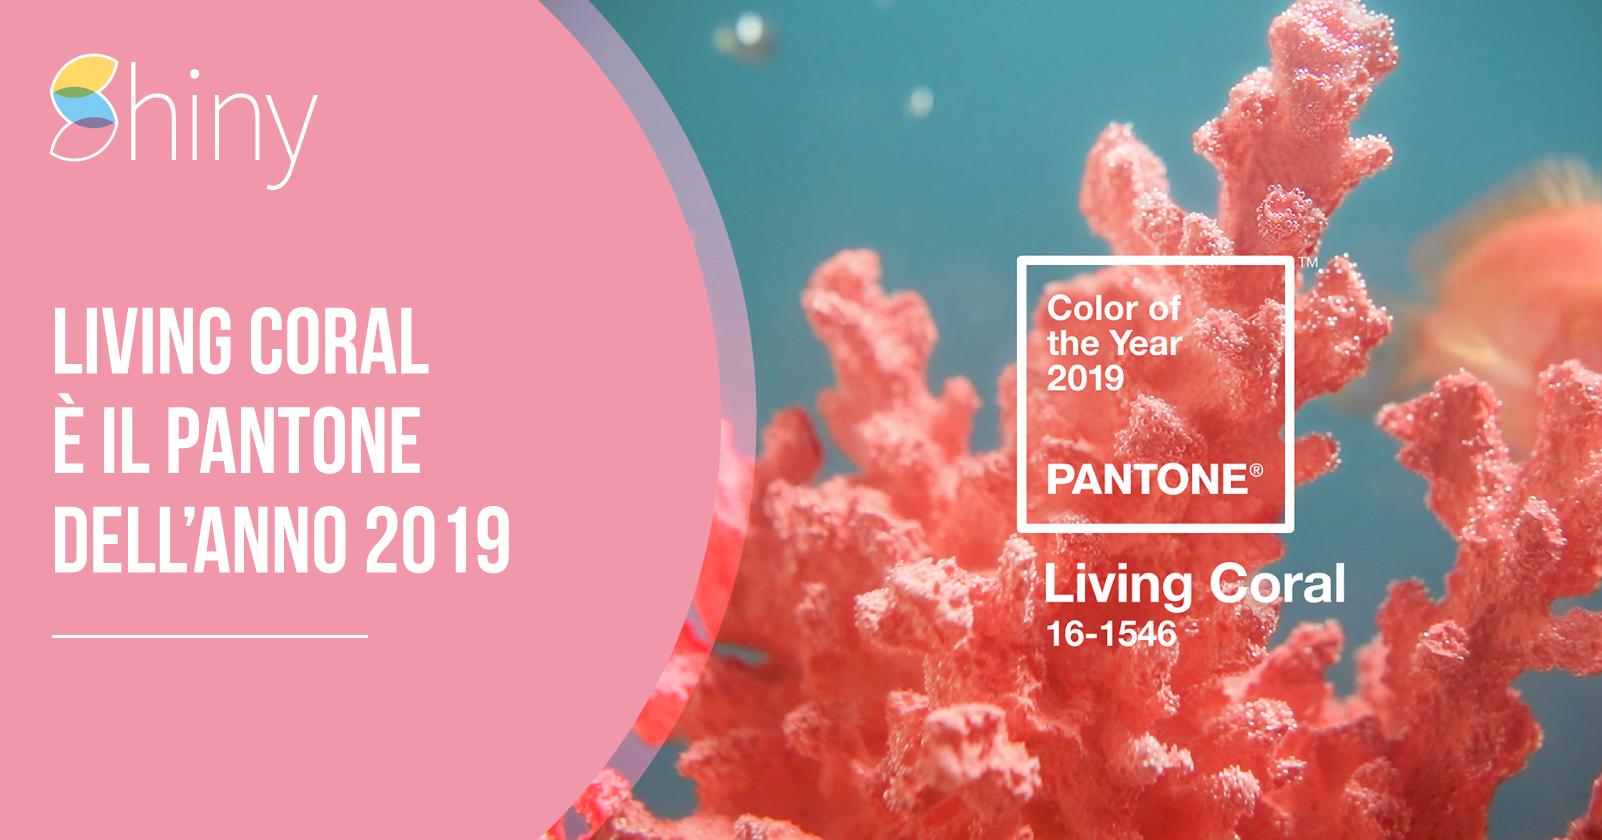 Living Coral è il Colore Pantone dell'anno 2019